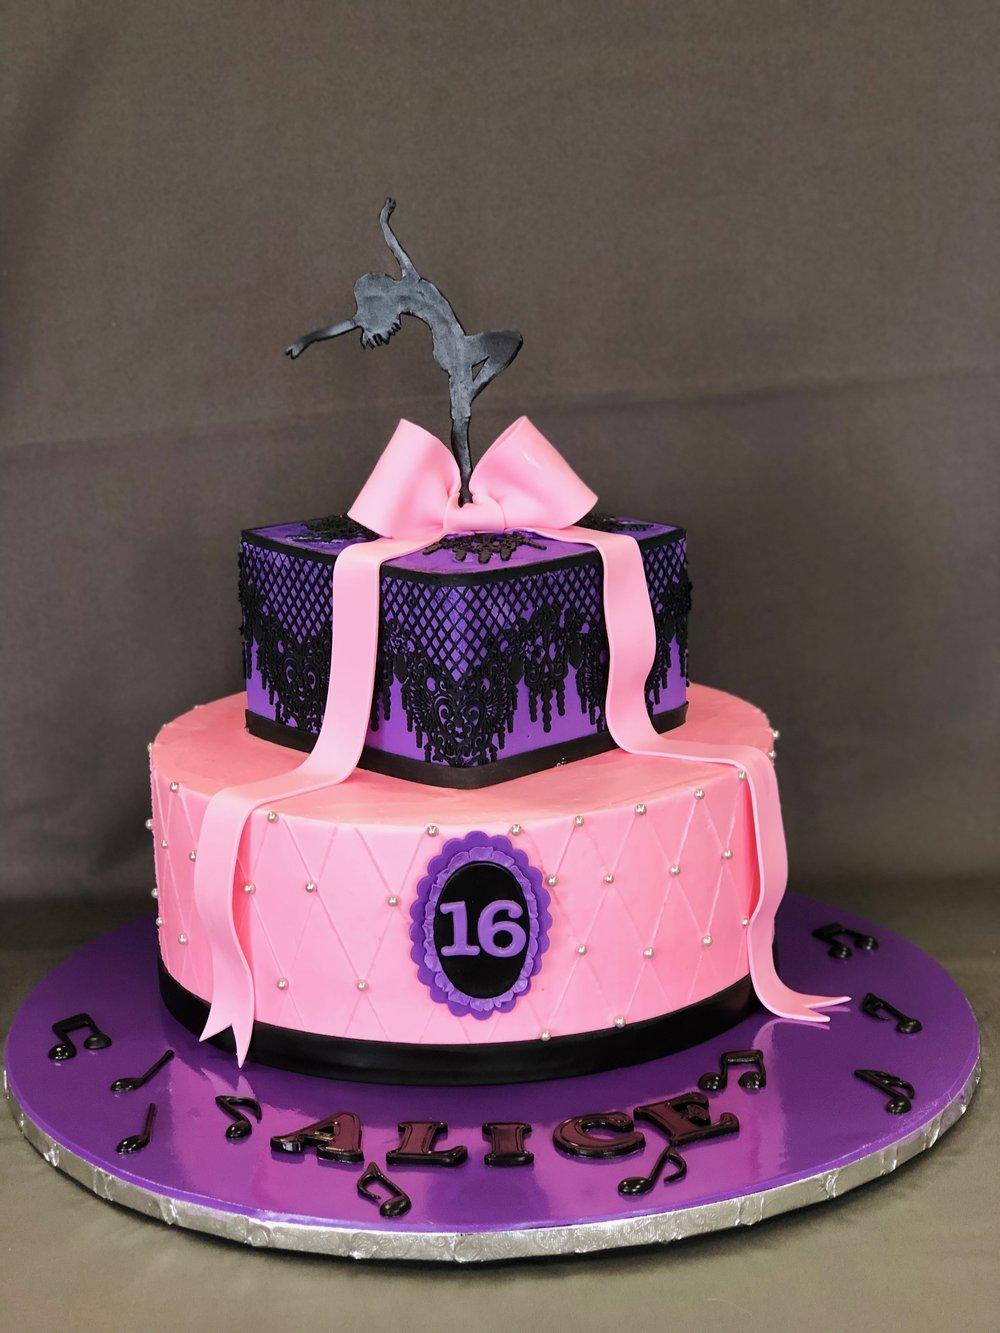 Sweet 16 Cake — Skazka Desserts Bakery NJ – Custom Birthday